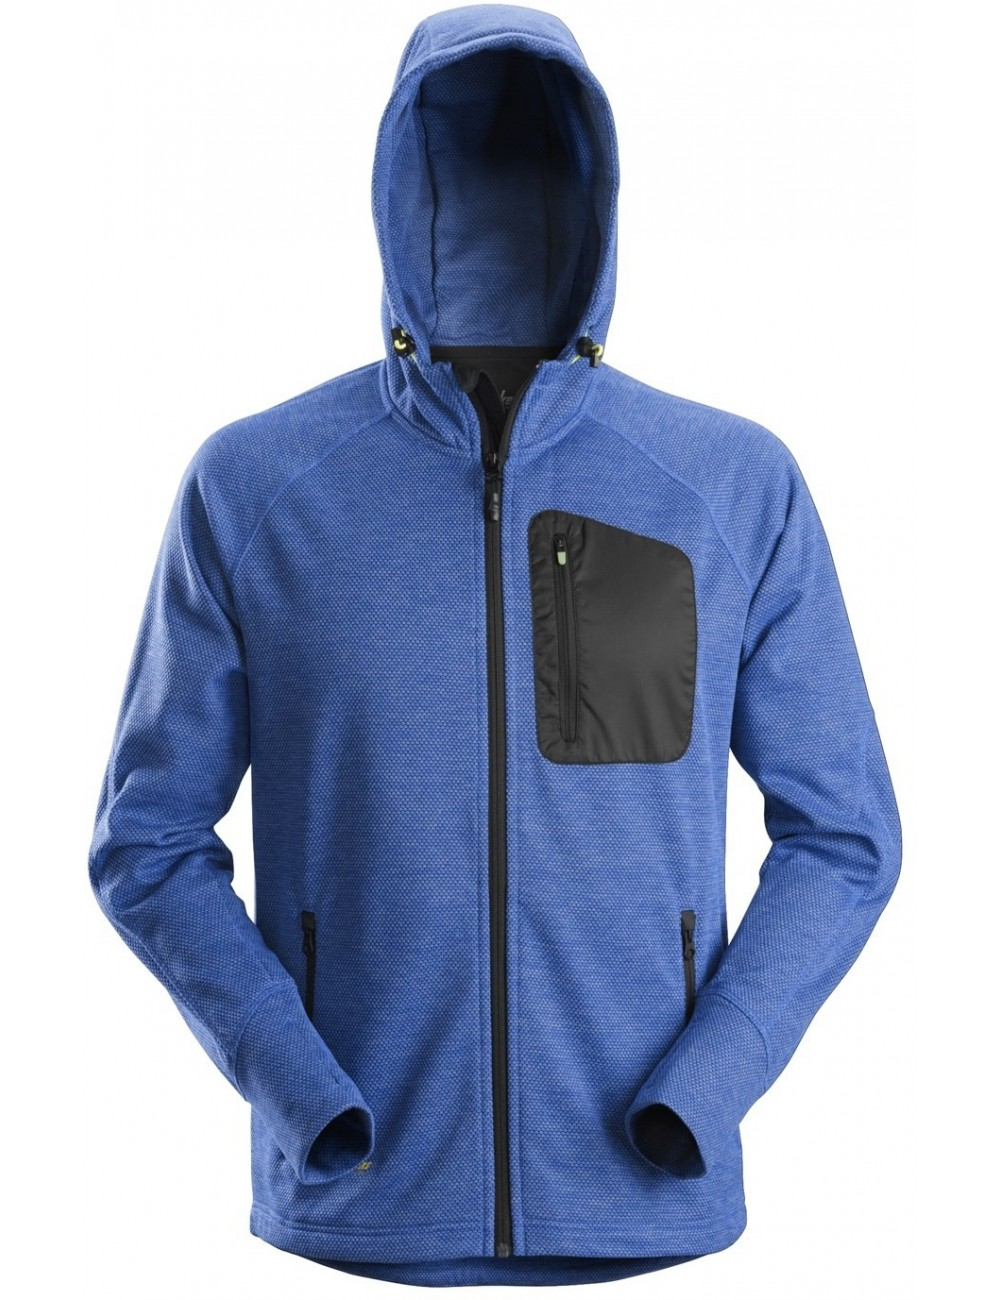 Bluza robocza Snickers 8041 FlexiWork